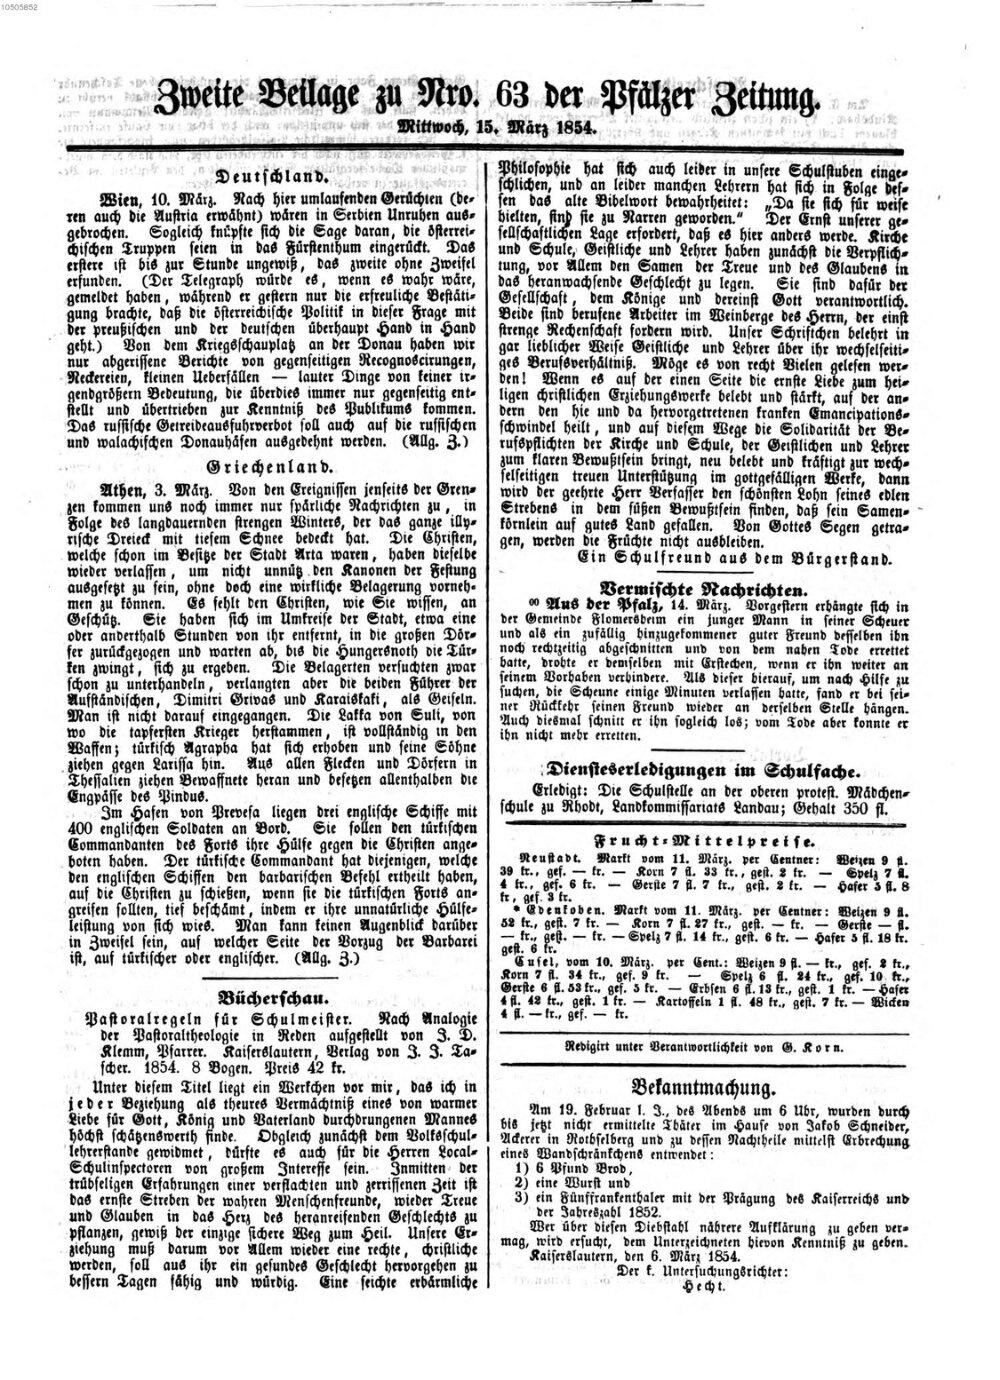 Pfälzer Zeitung 20   Bayerische Staatsbibliothek